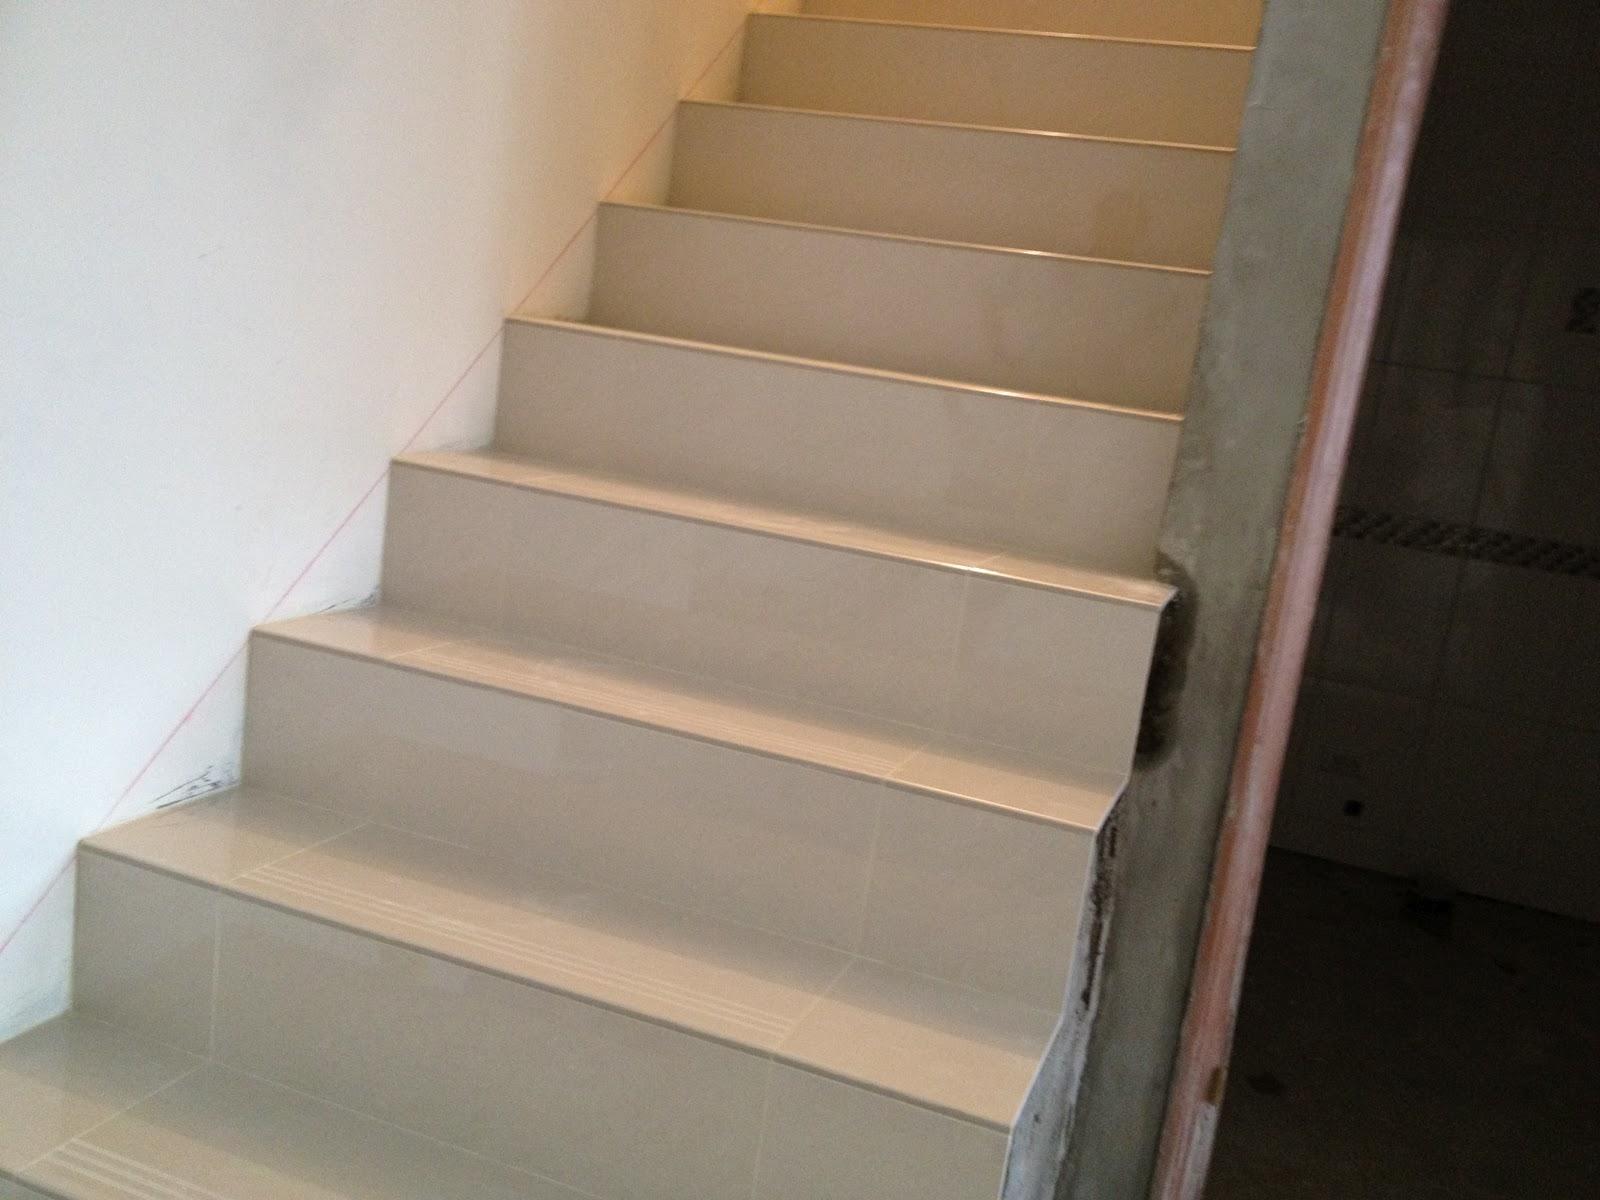 【地磚·樓梯】樓梯地磚 – TouPeenSeen部落格